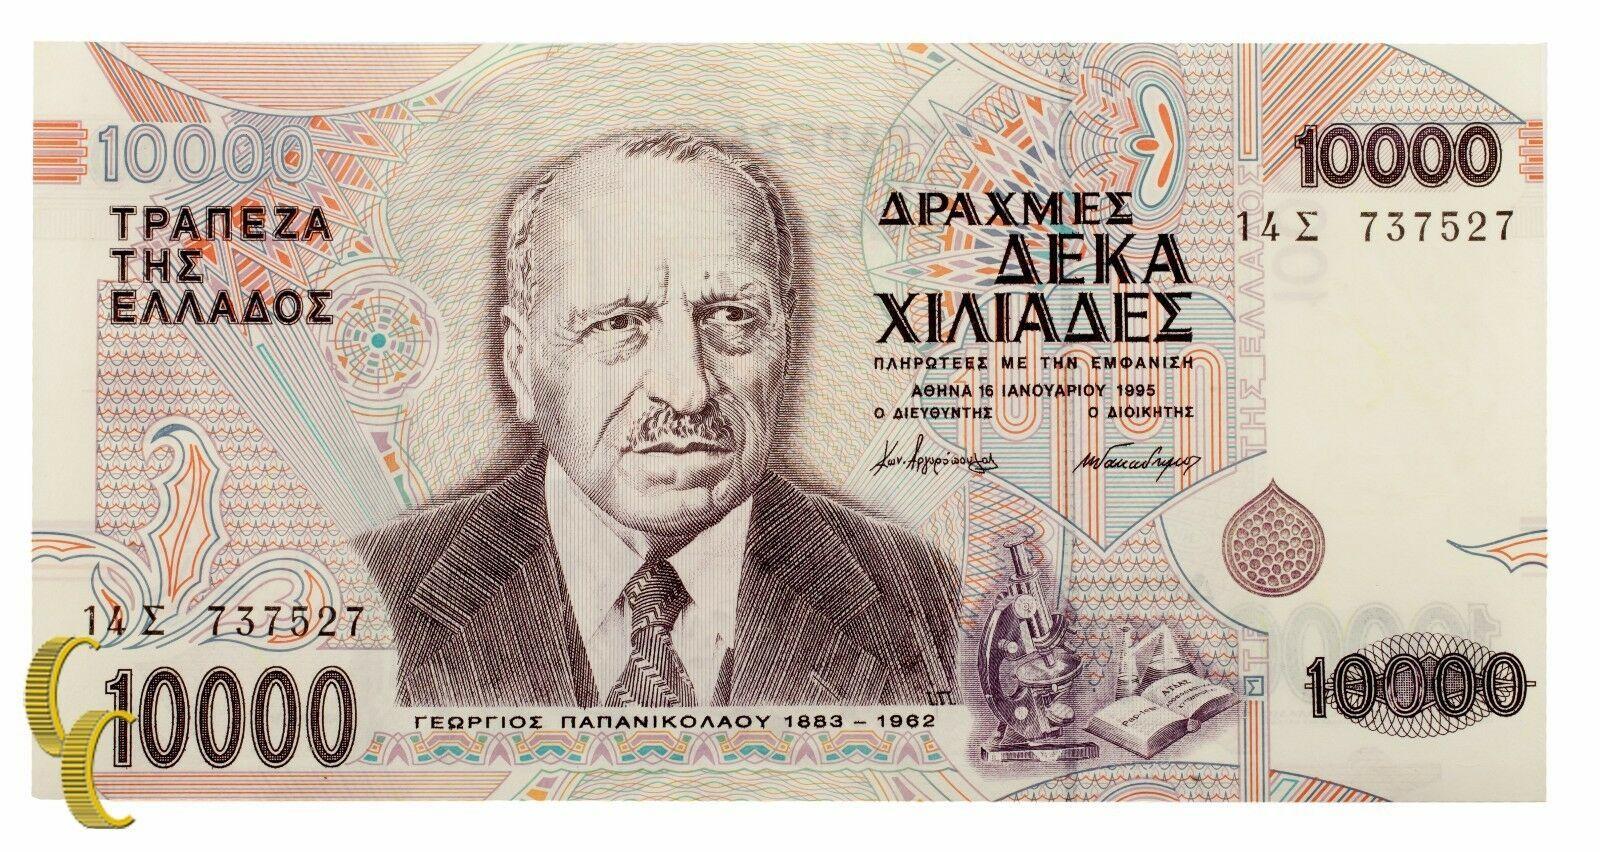 1995 Grecia 10,000 Drachmas (Au ) About que No Ha Circulado Estado